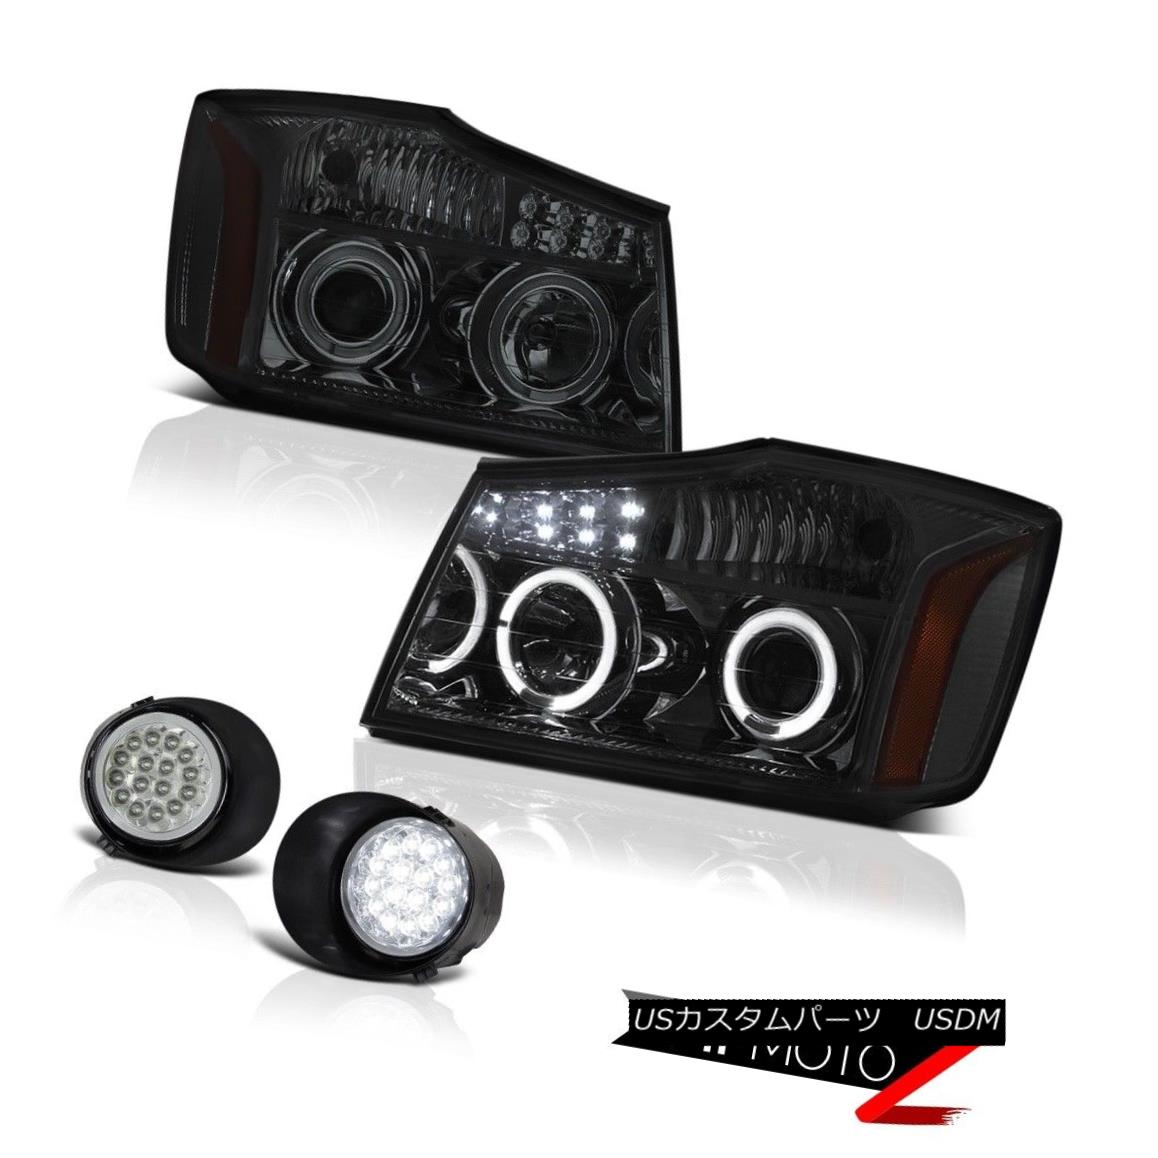 ヘッドライト For 04-15 Titan SV Headlights Tail Lights Headlamp Smoke LED Bumper Driving Fog 04-15タイタンSVヘッドライトテールライトヘッドランプスモークLEDバンパードライビングフォグ